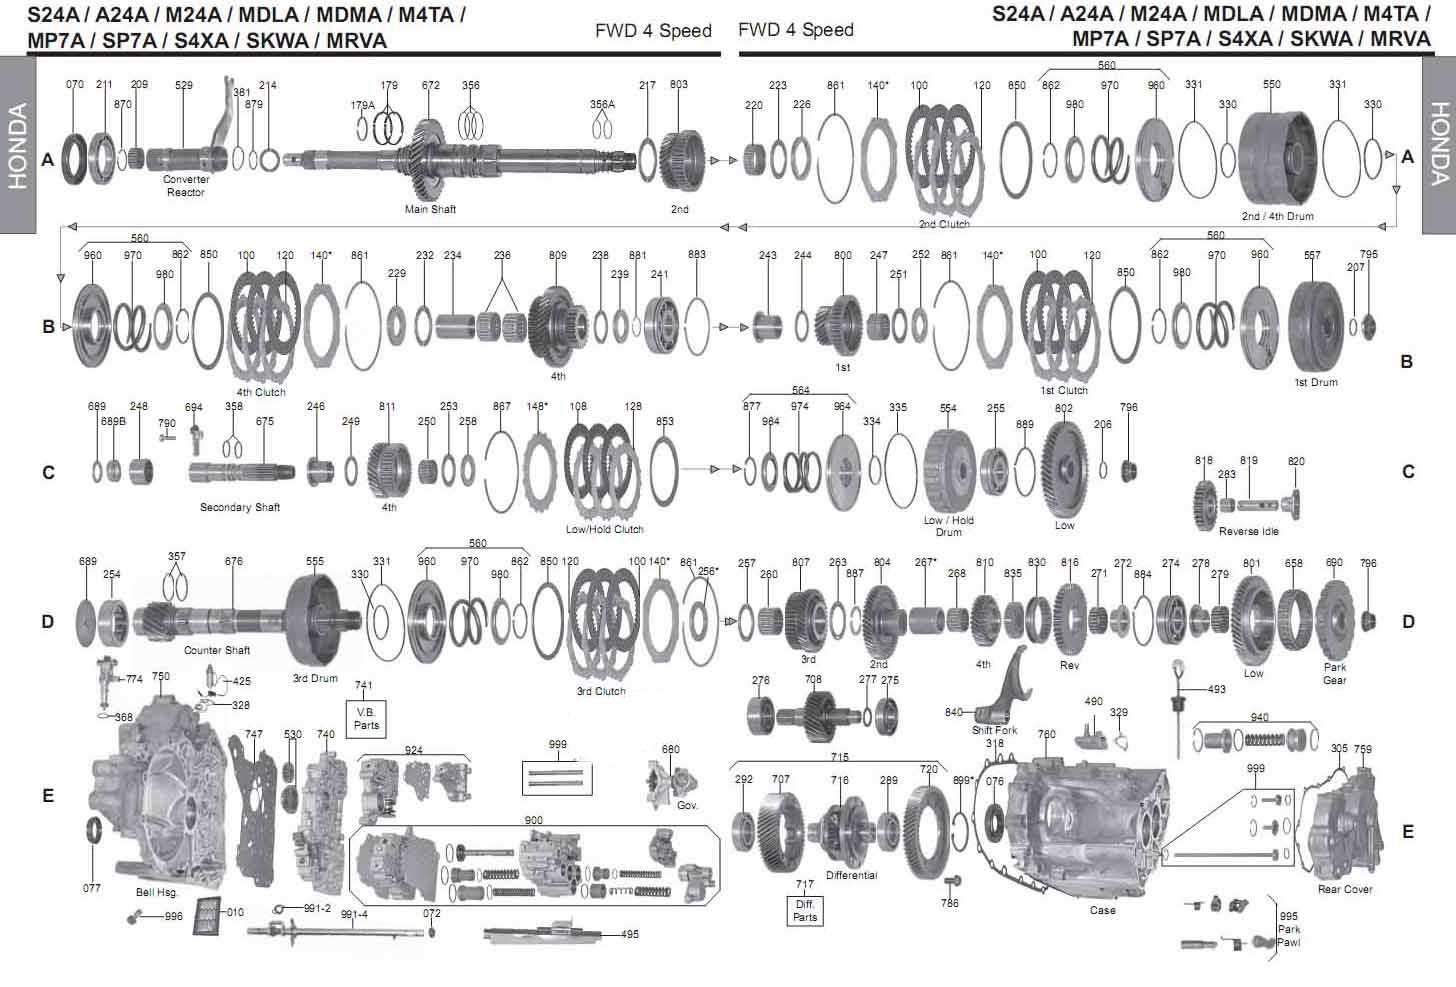 схема руководство M4TA/ MDMA / S4XA/ SKWA